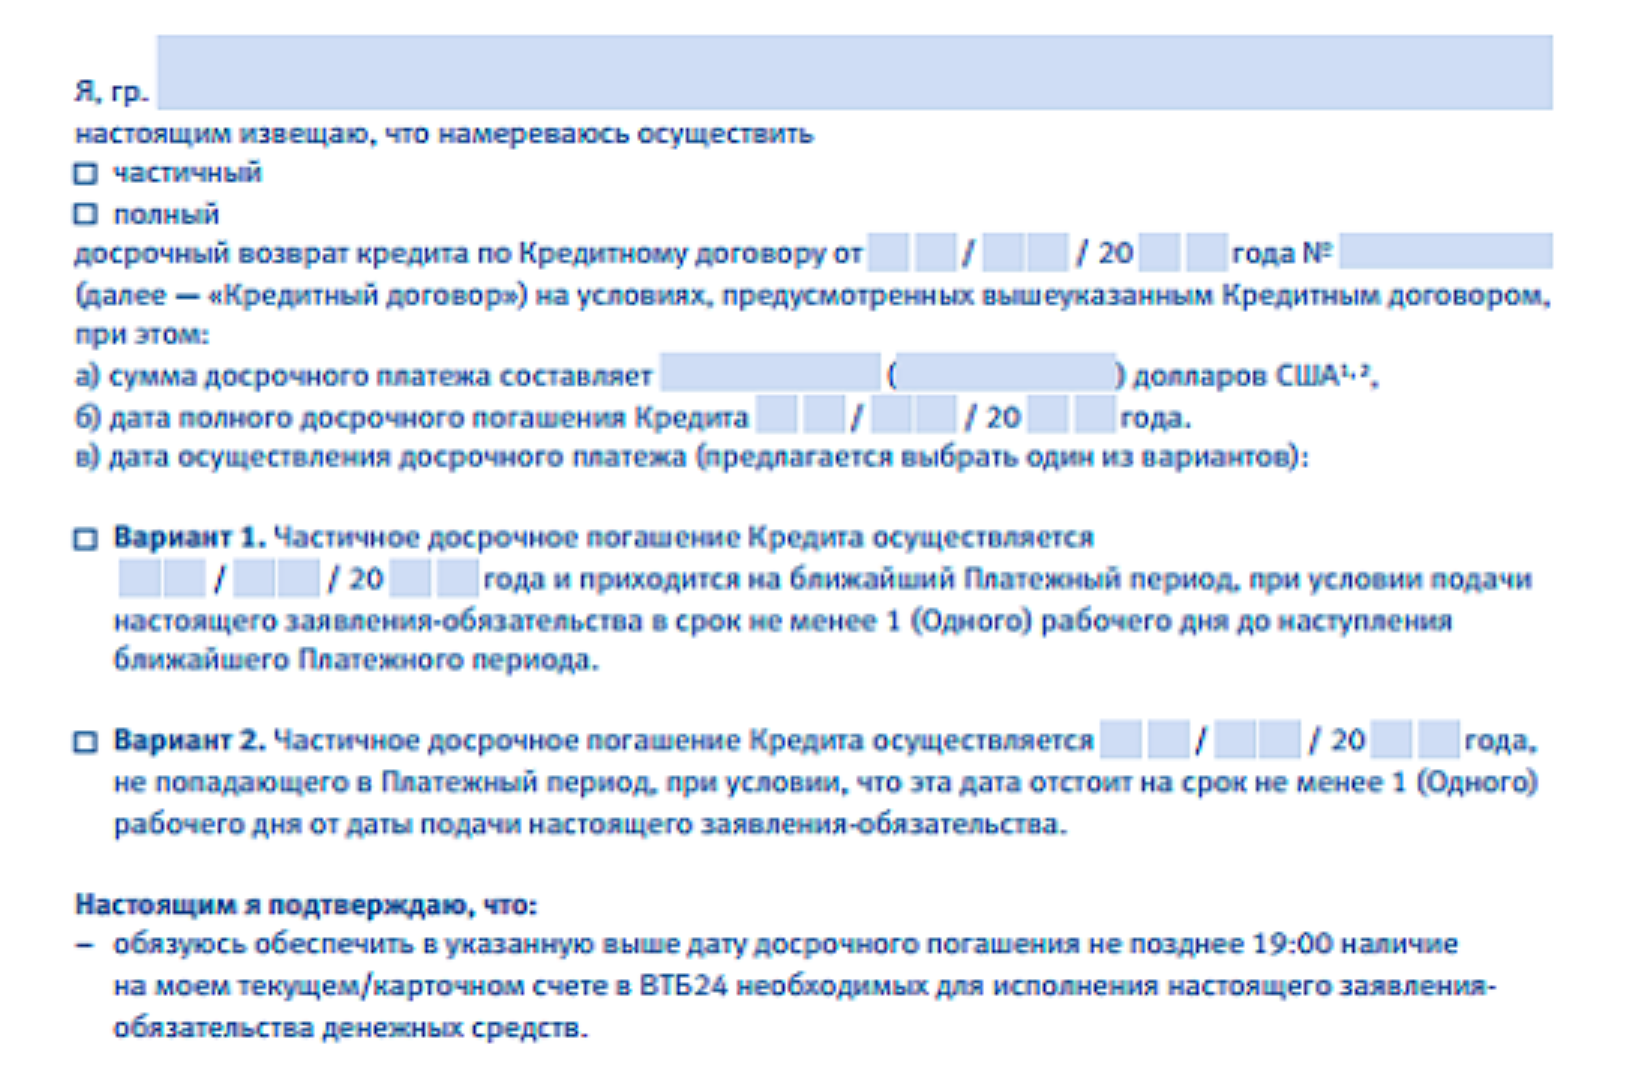 Досрочное погашение кредита в ВТБ 24: полное и частичное, как рассчитать